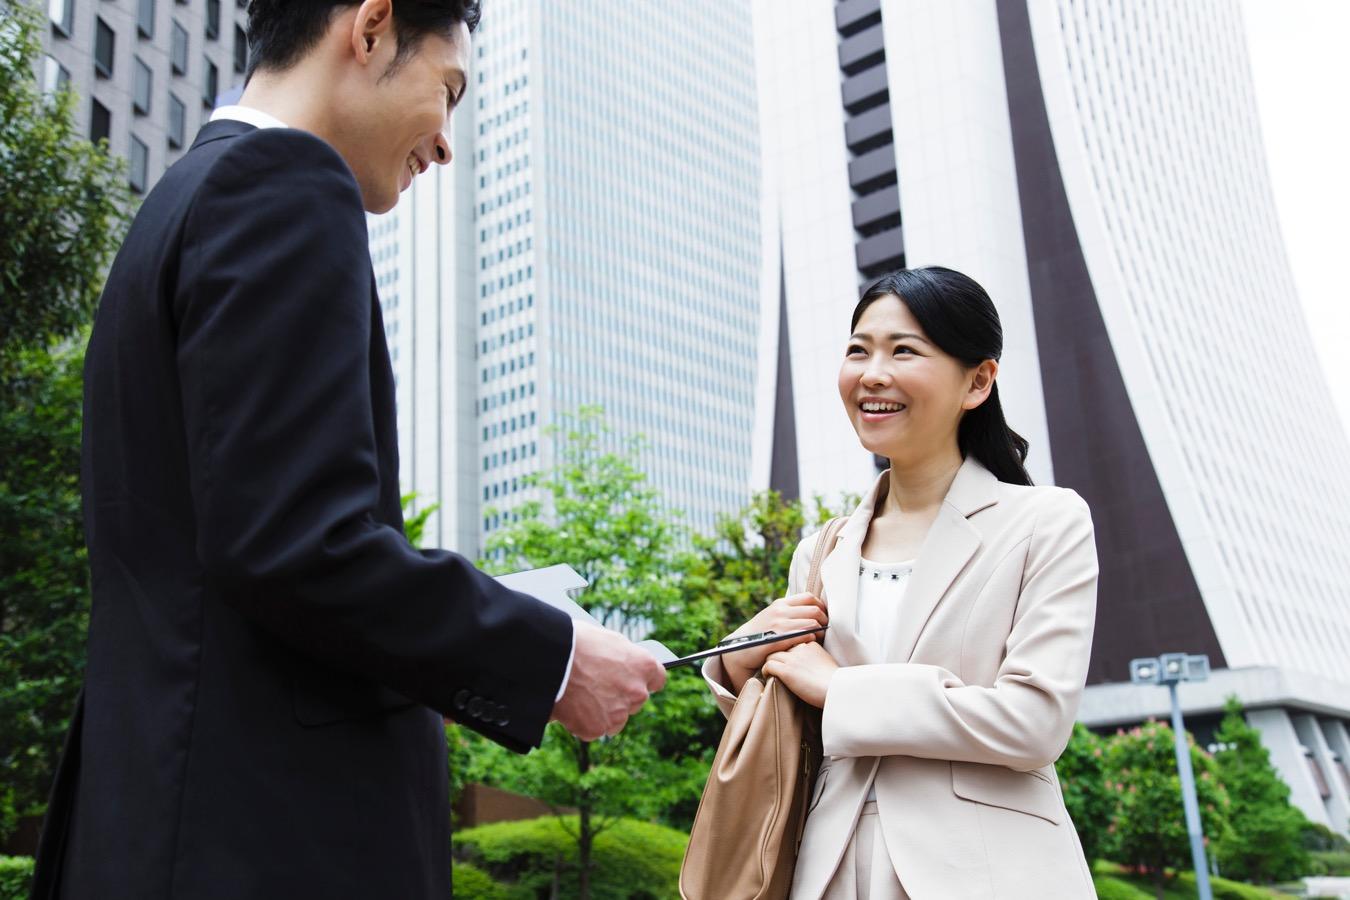 未経験から銀行就職を目指す人必見!銀行業界研究完全版Vol.5